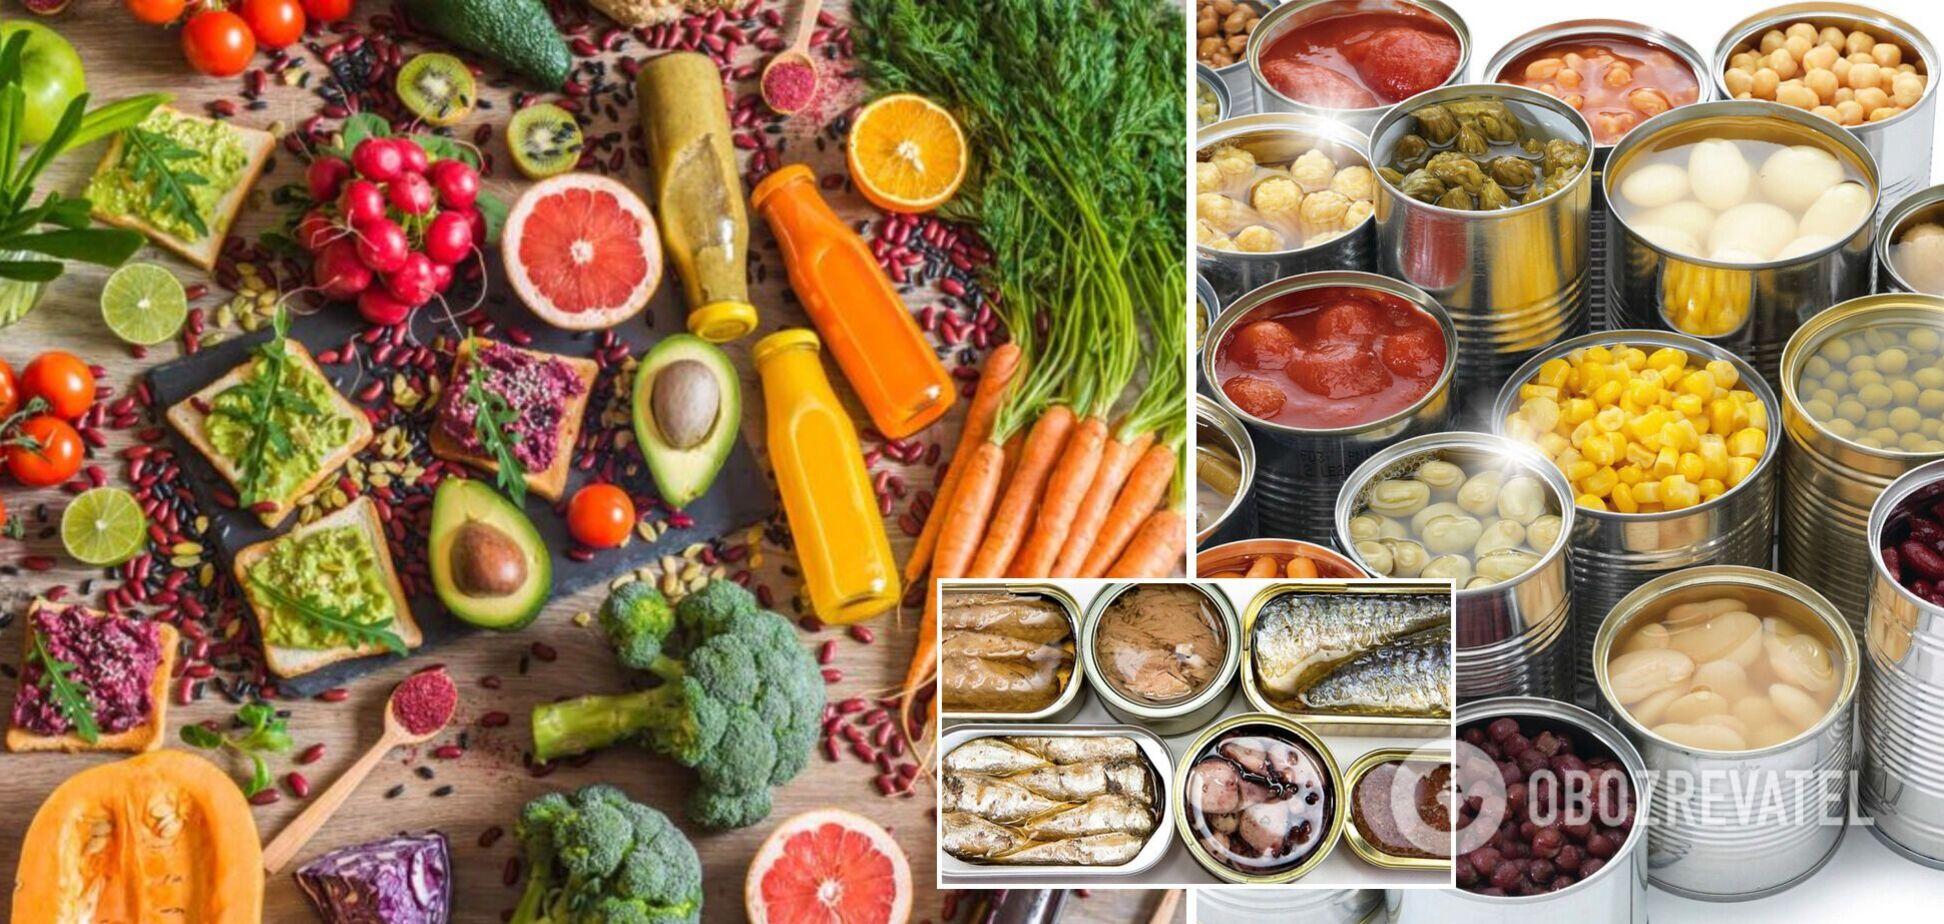 Як знищити вітаміни в їжі: прості способи